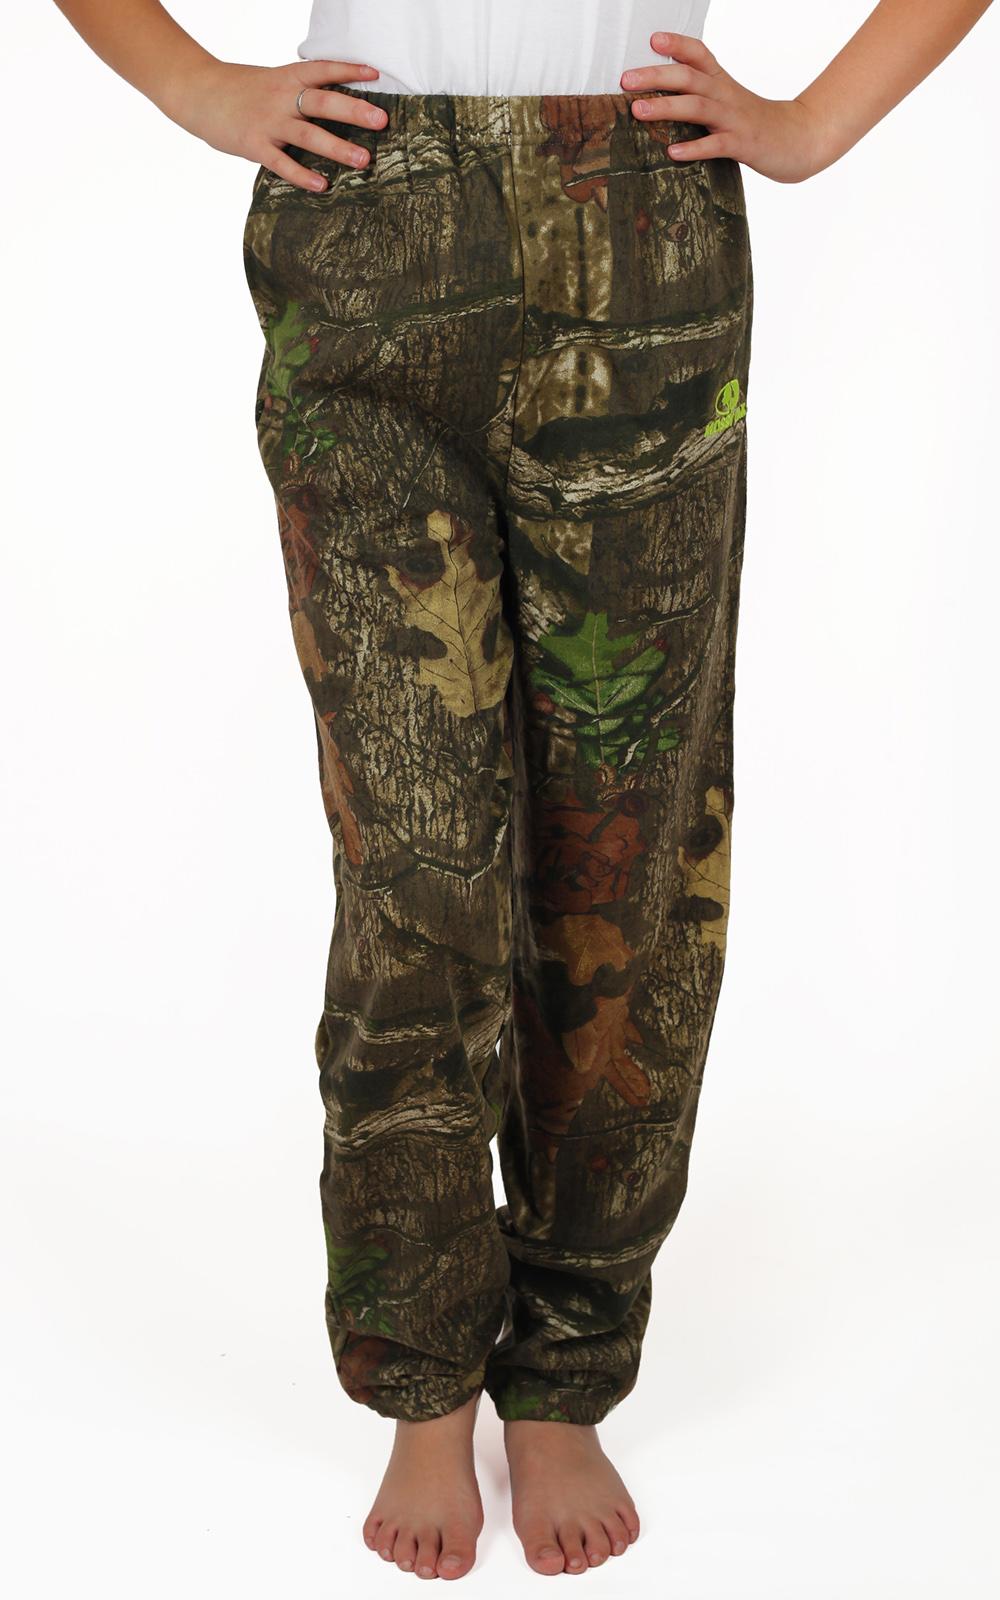 Демисезонные детские штаны Mossy Oak® на резинке. Подходят мальчикам и девочкам. Гарантируем, ребенку понравится фасон и цвет, а его родителям – качество и цена!